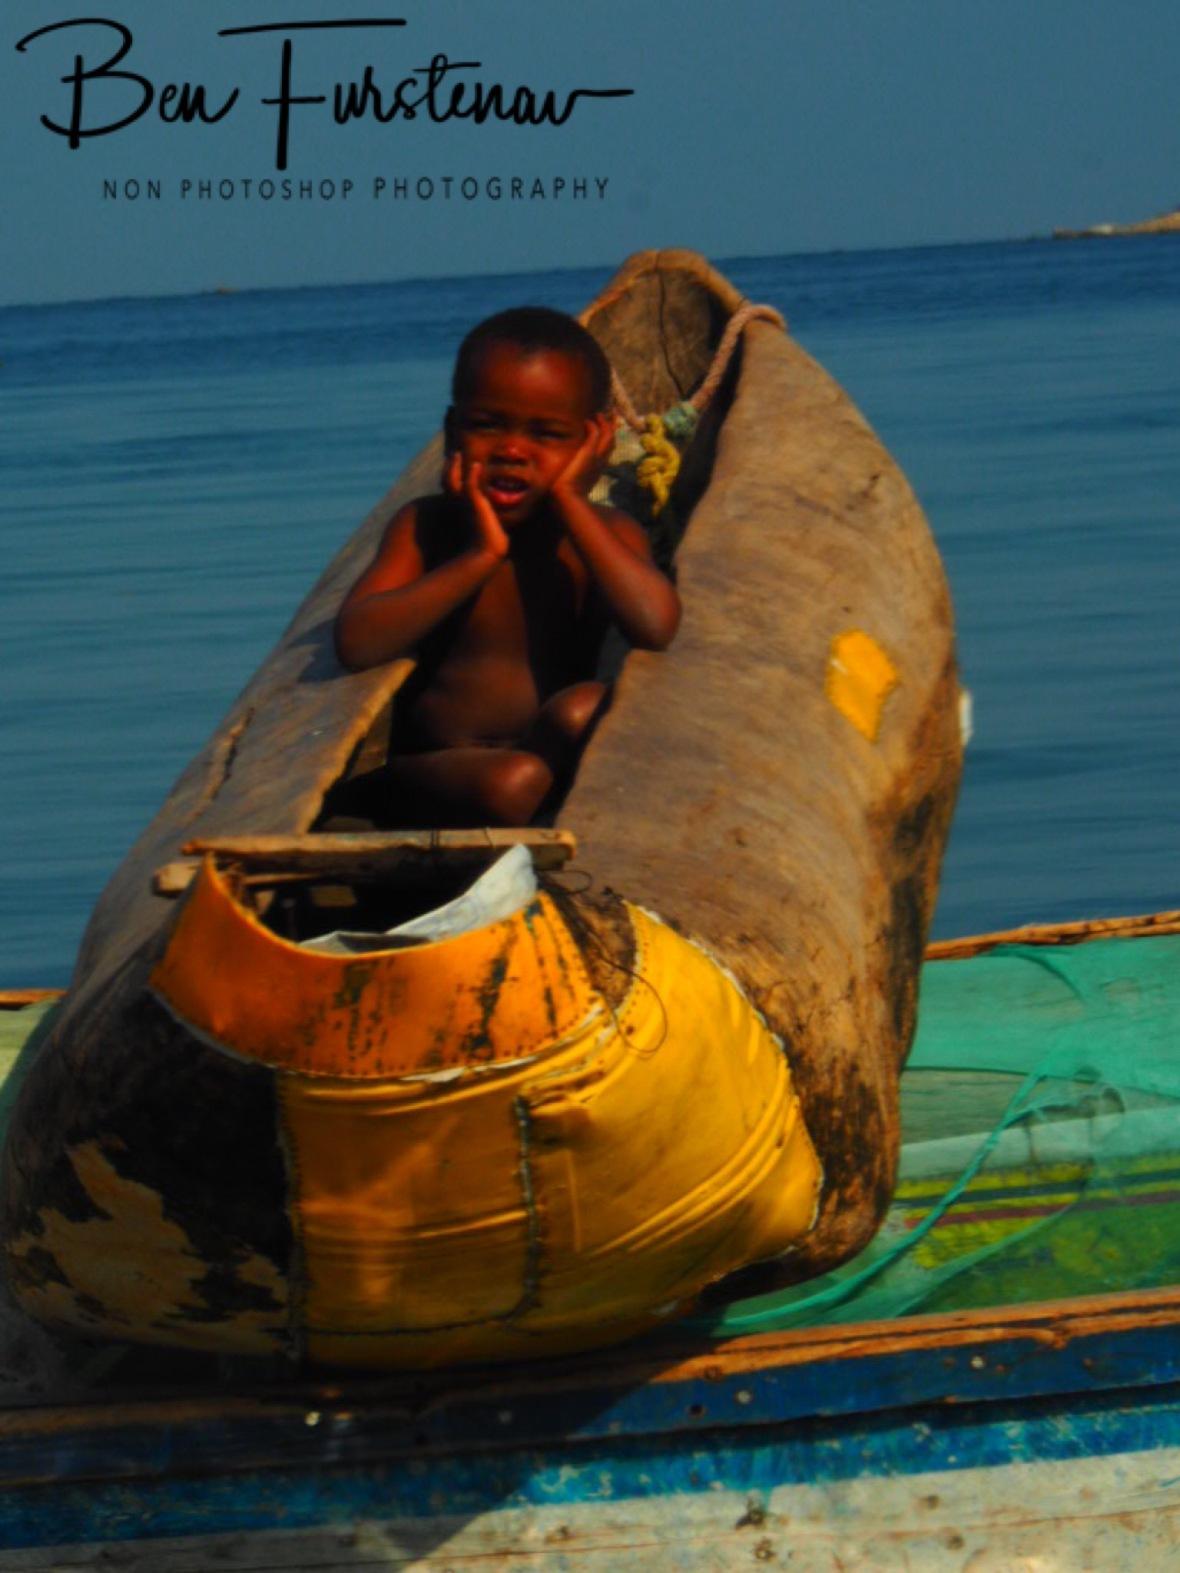 Banana boat dry dock in Chembe, Cape Maclear, Lake Malawi, Malawi